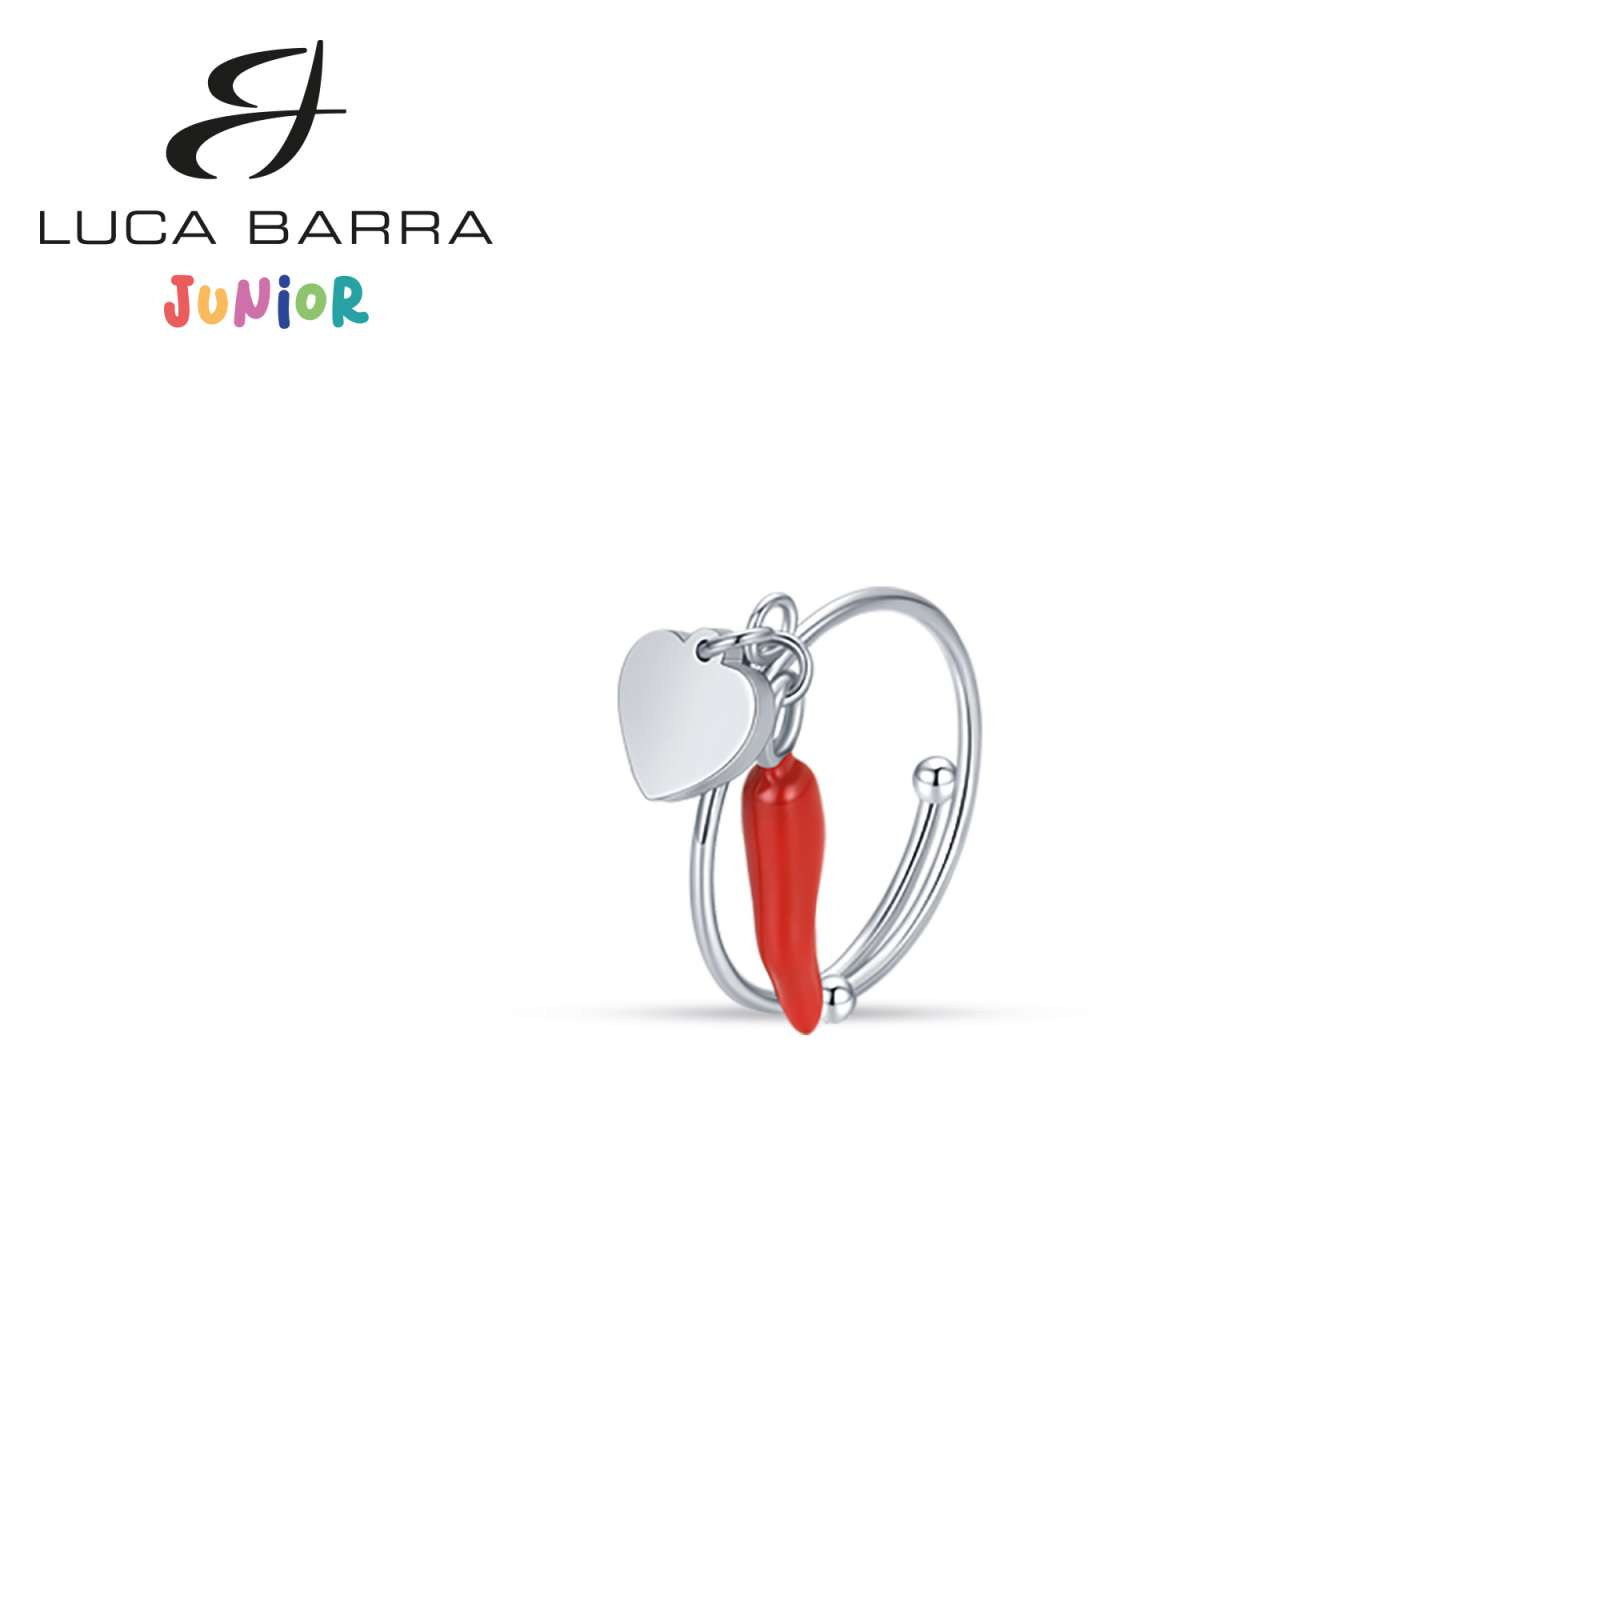 Luca Barra - Anello in acciaio con corno rosso e cuore